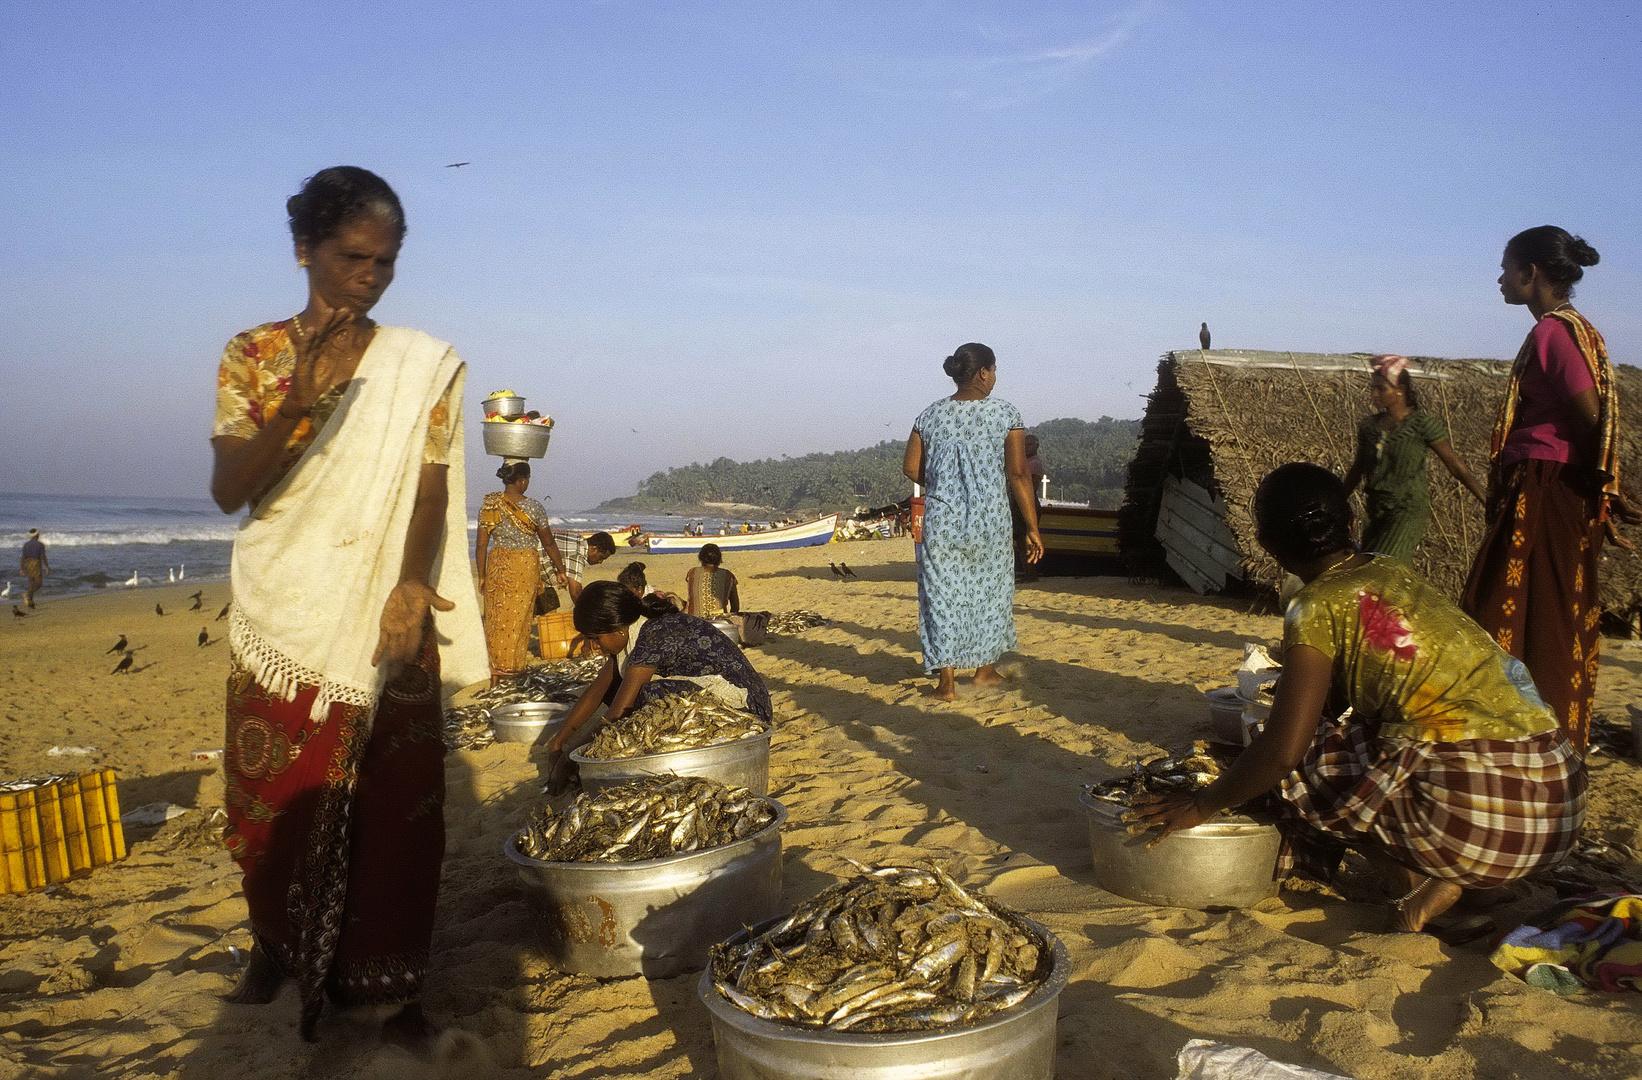 Fischerfrauen in Kerala, Indien - analog